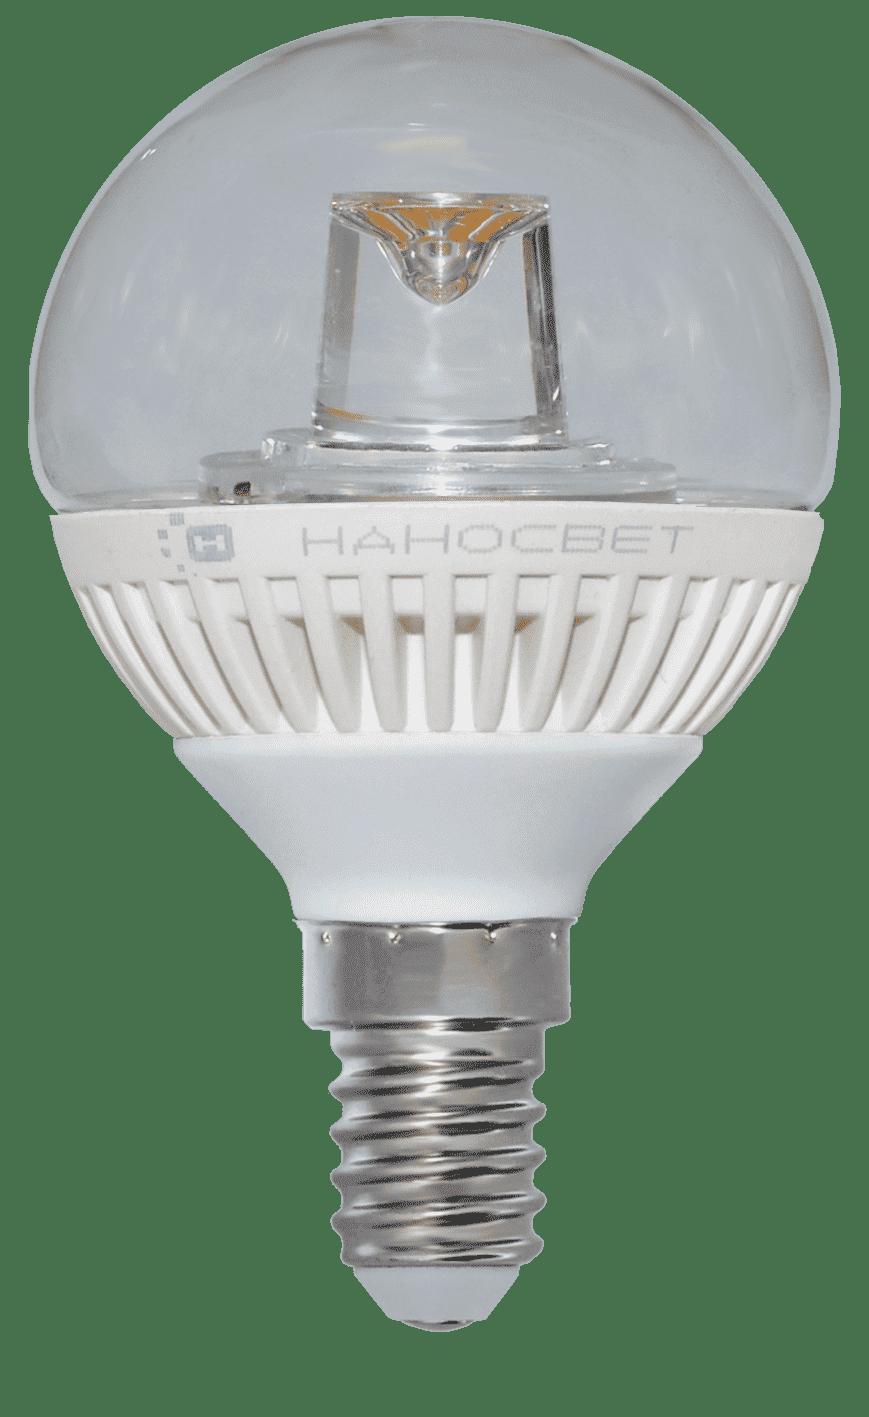 Светодиодная лампа НАНОСВЕТ LC-GCL-5/E14/840 арт. L153